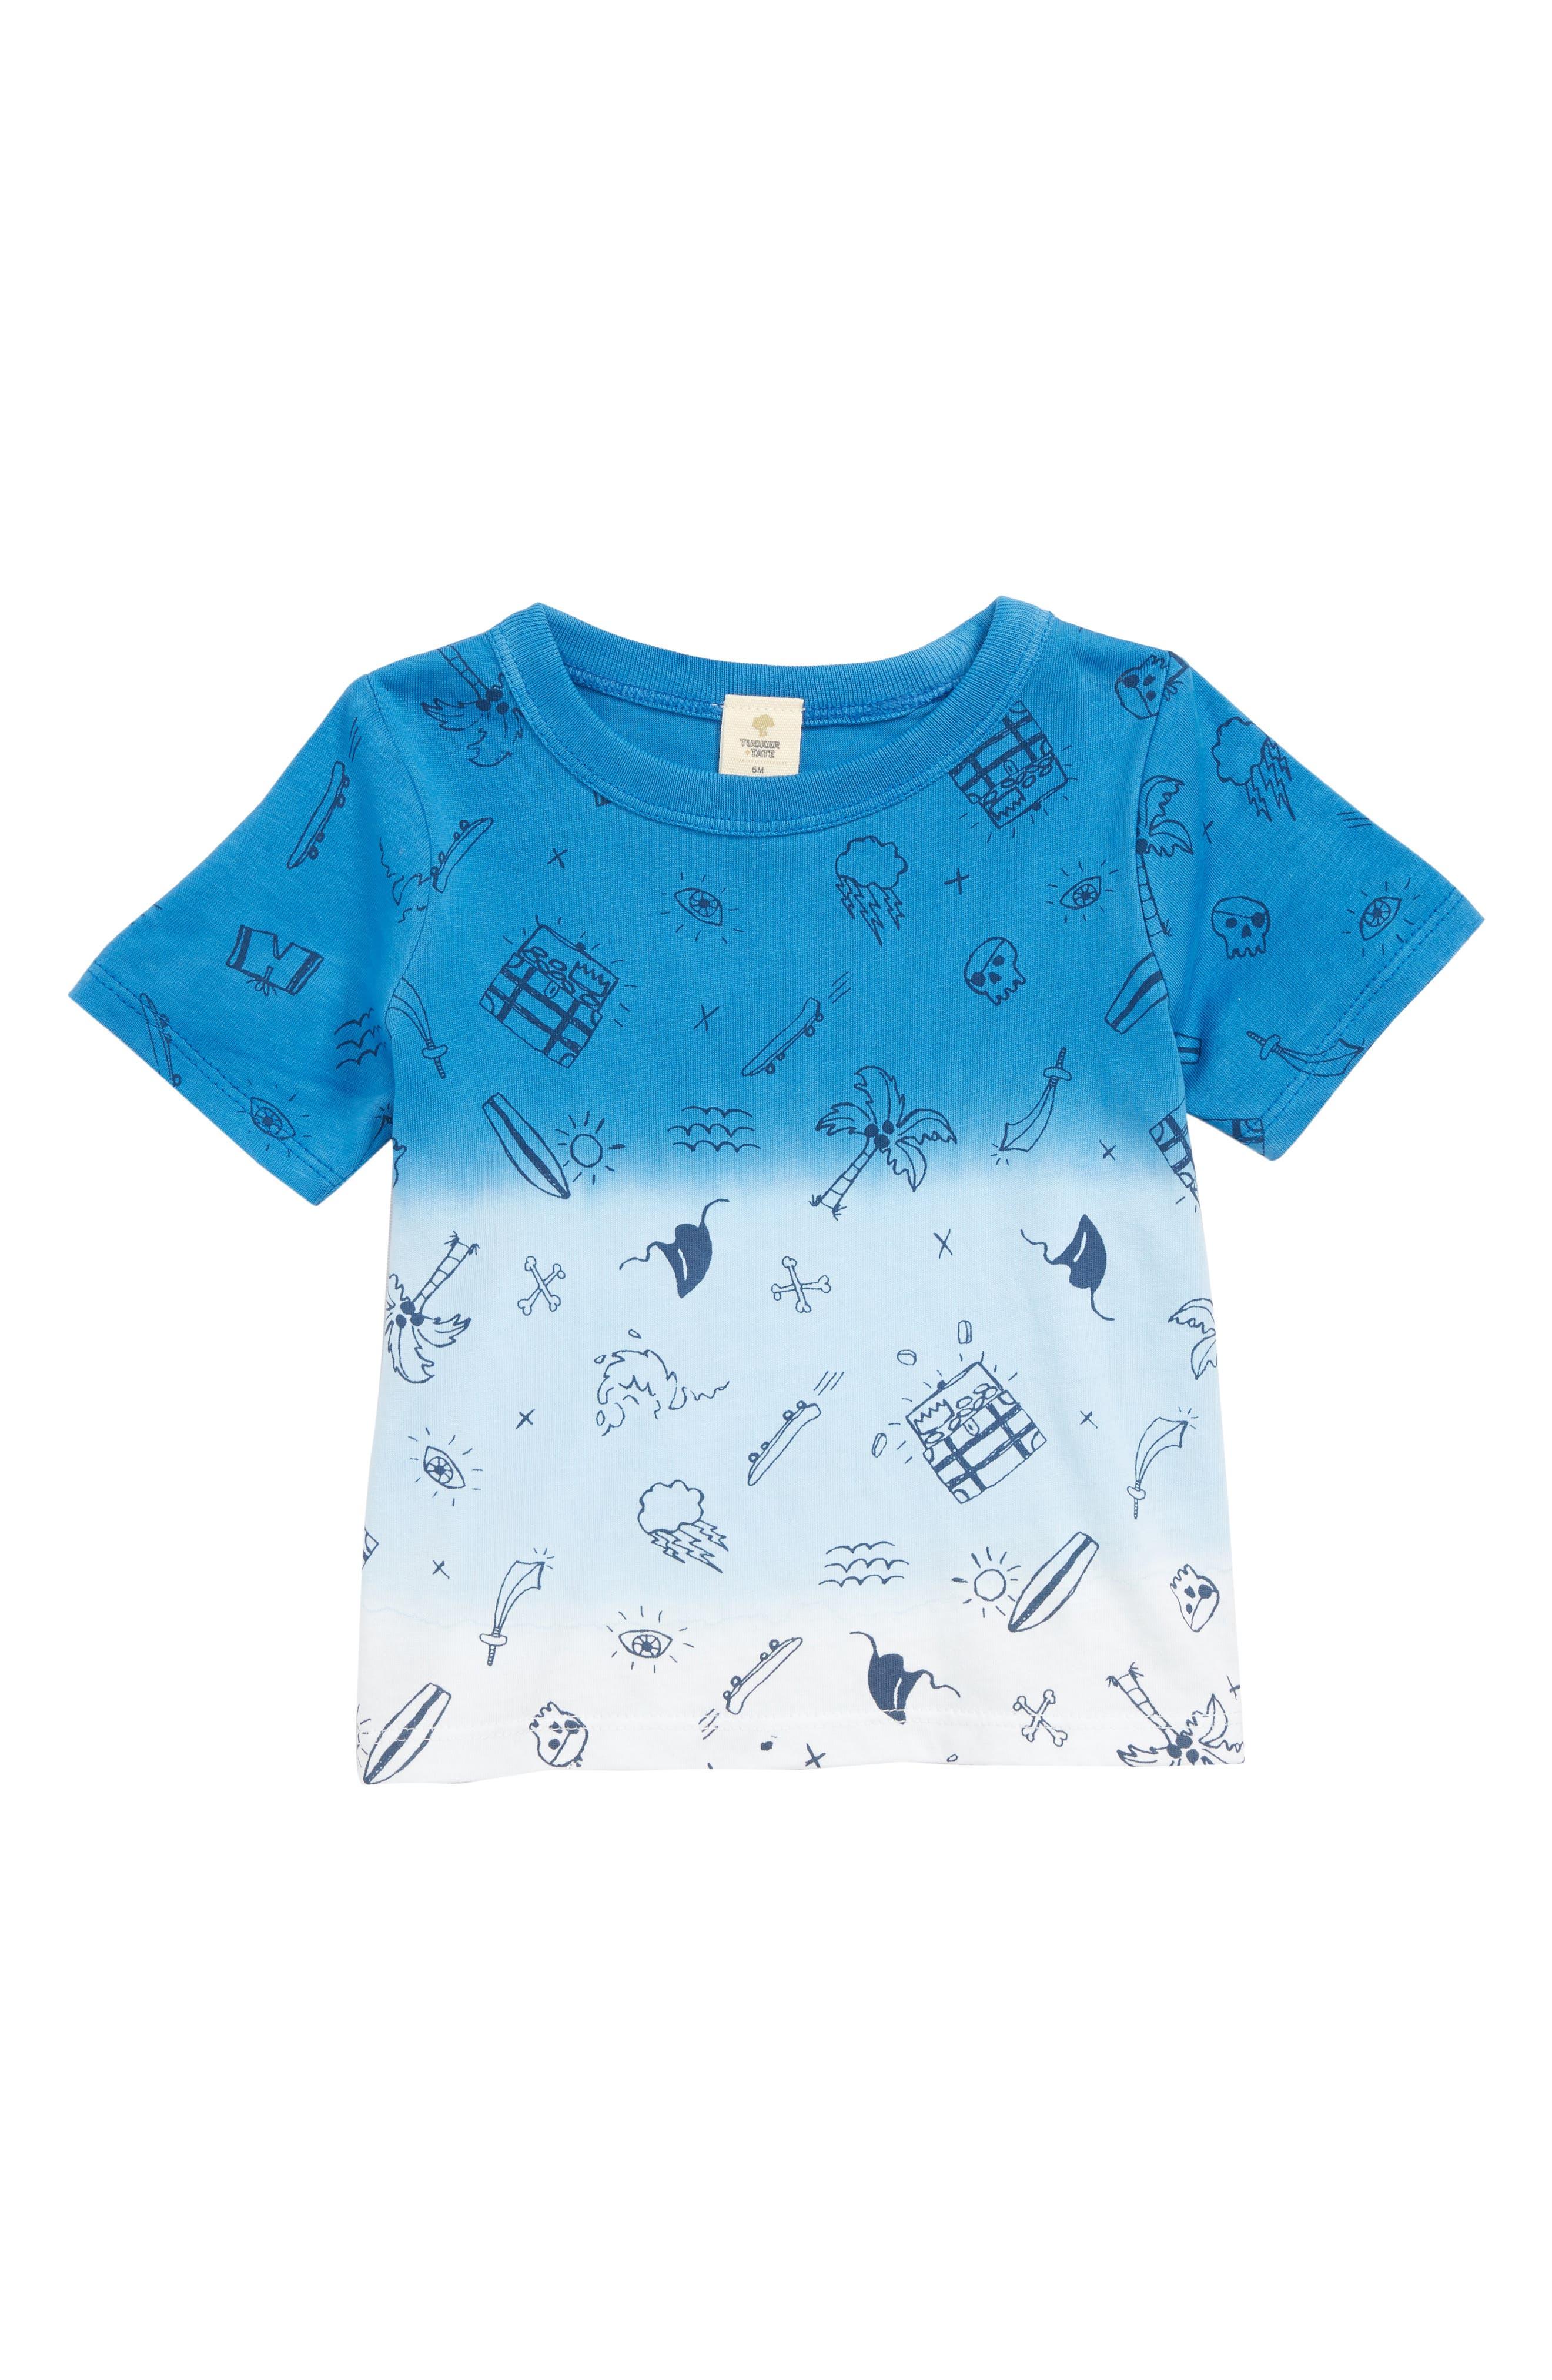 Ombré T-Shirt,                         Main,                         color, Blue French Ocean Symbols